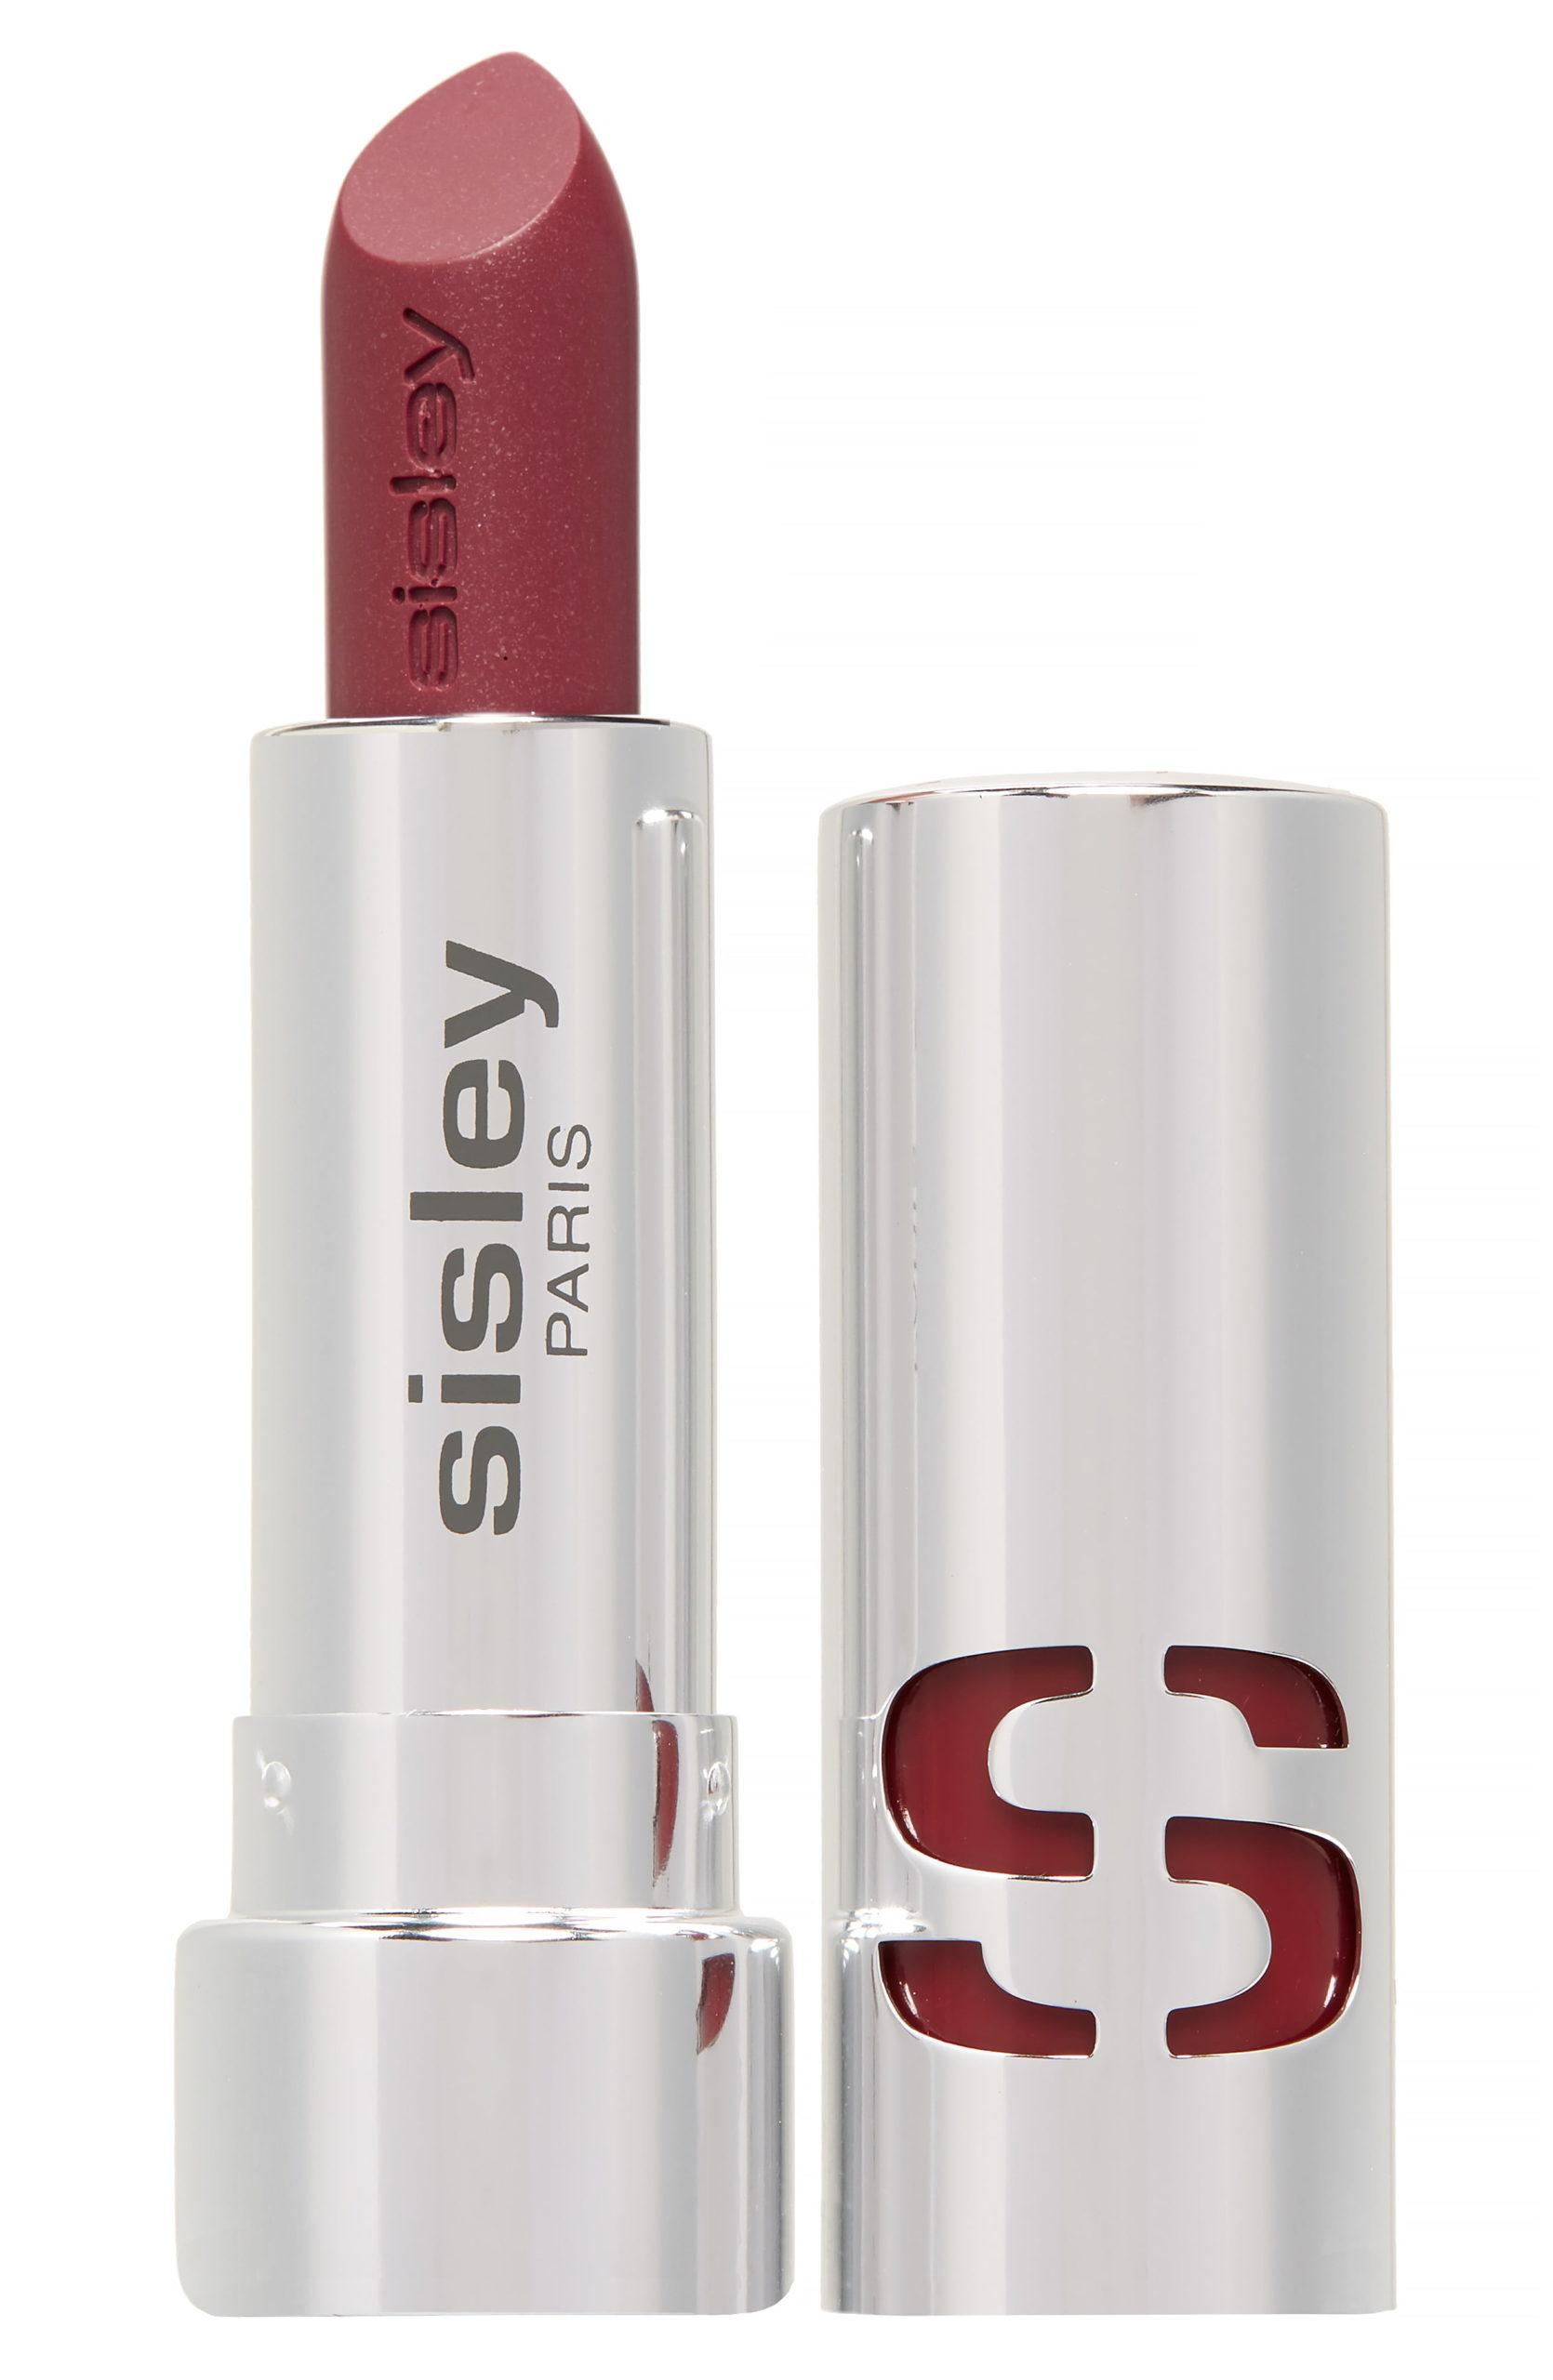 Phyto Lip Shine Lipstick - 12 Sheer Plum